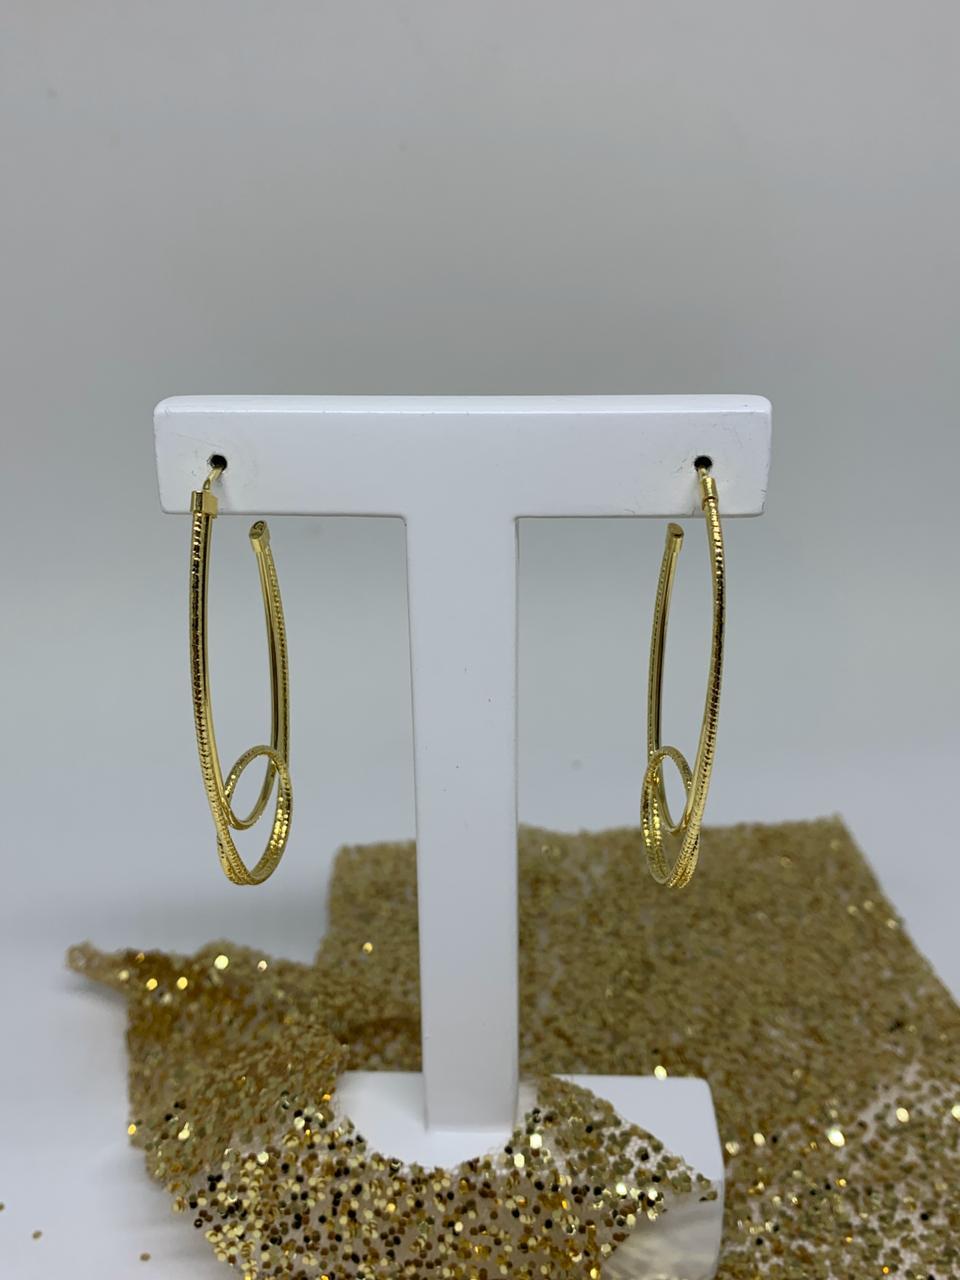 Brinco Folheado Dourado Meia Argola Oval 4,5cm  | BF584